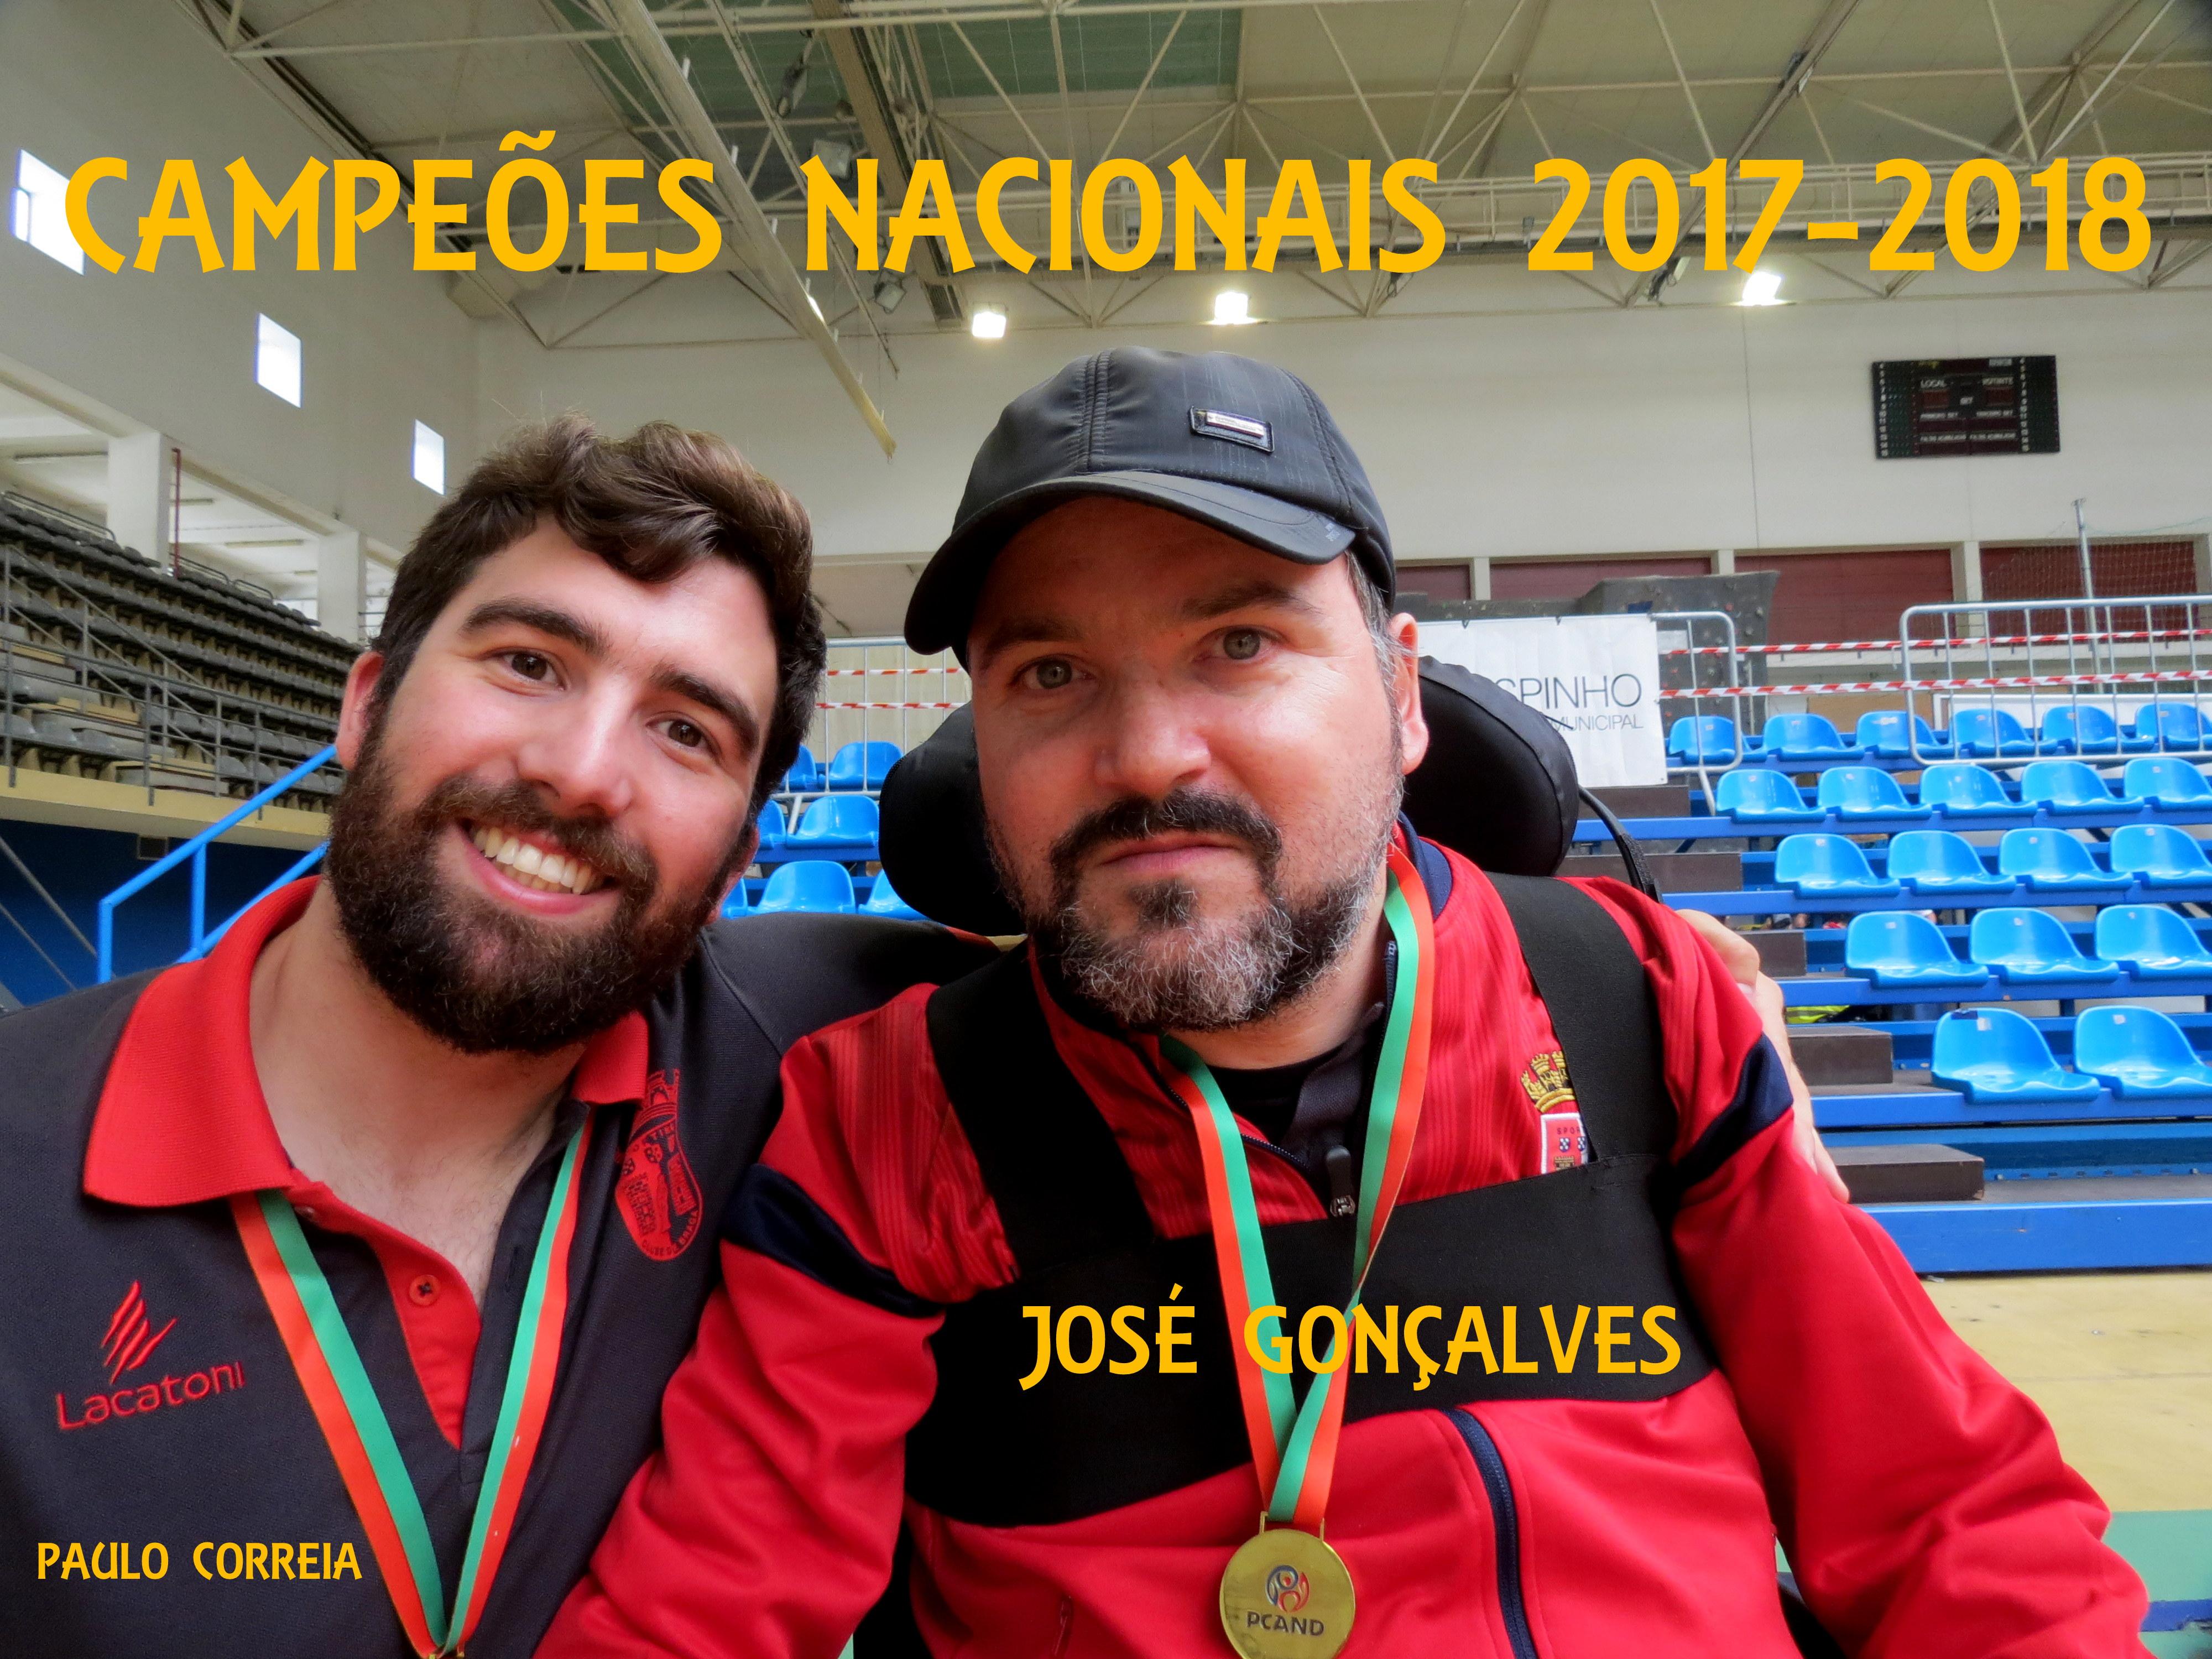 Campeões Nacionais